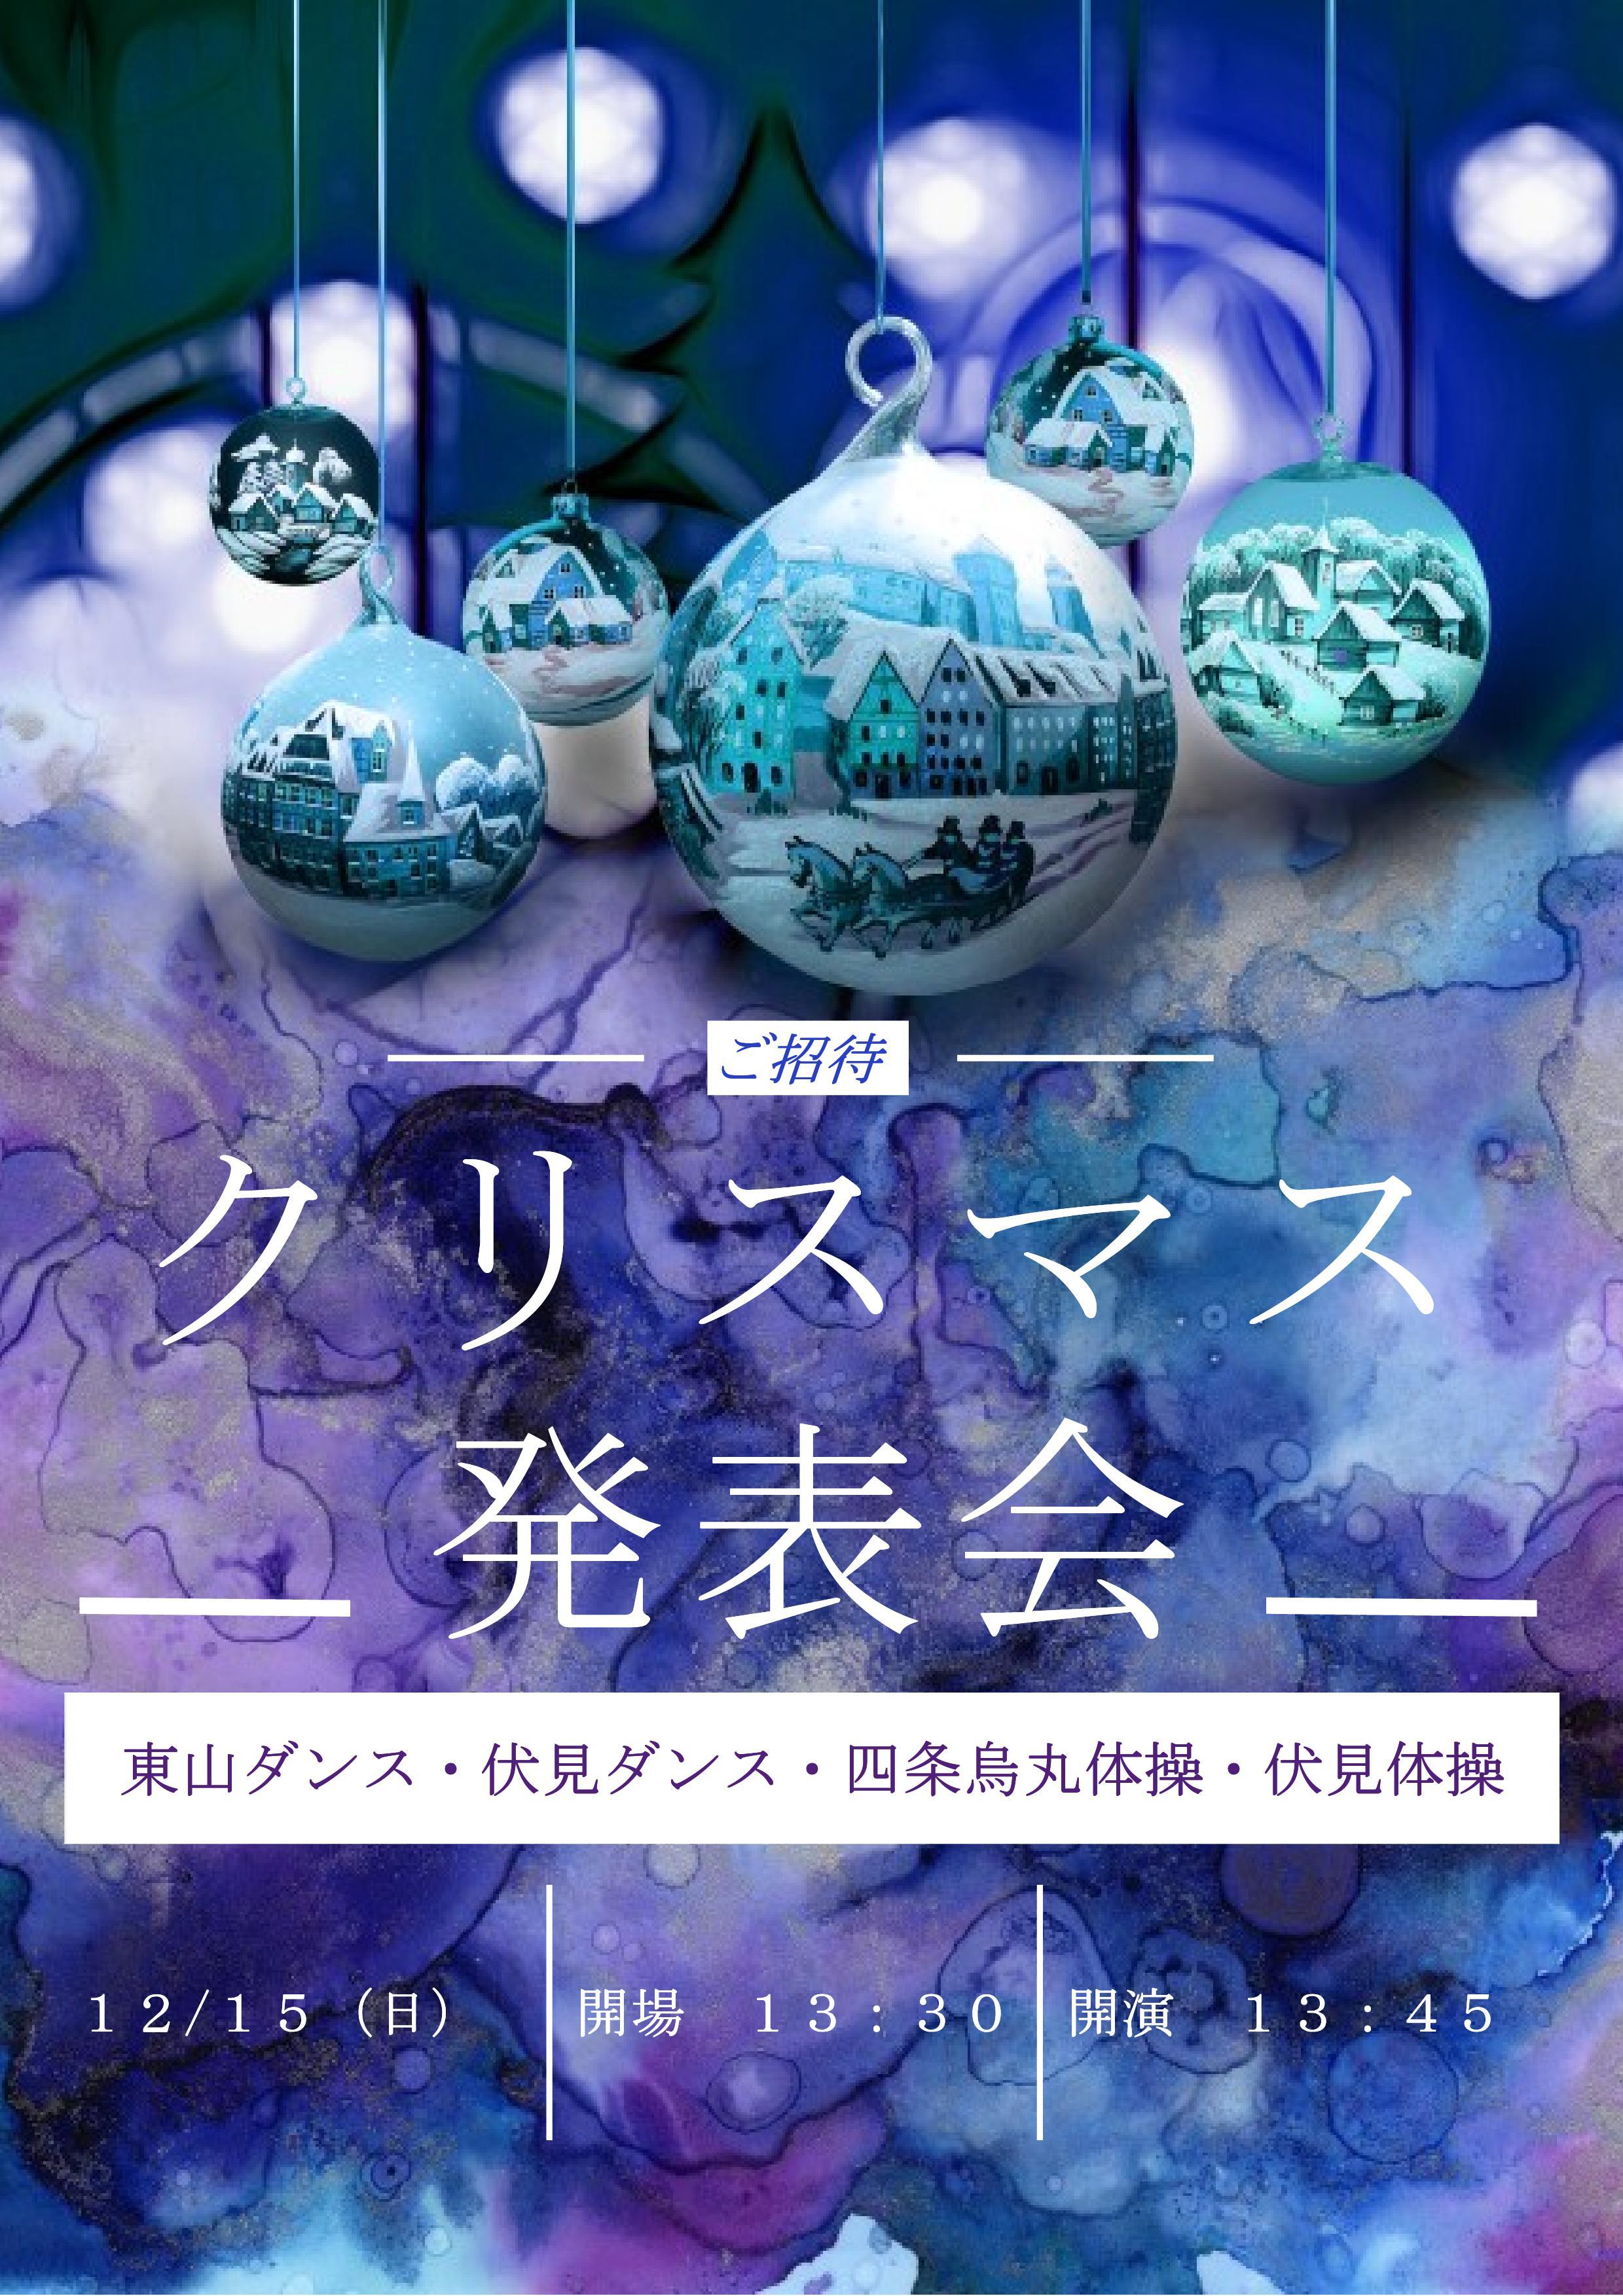 【アカスポ クリスマス発表会】